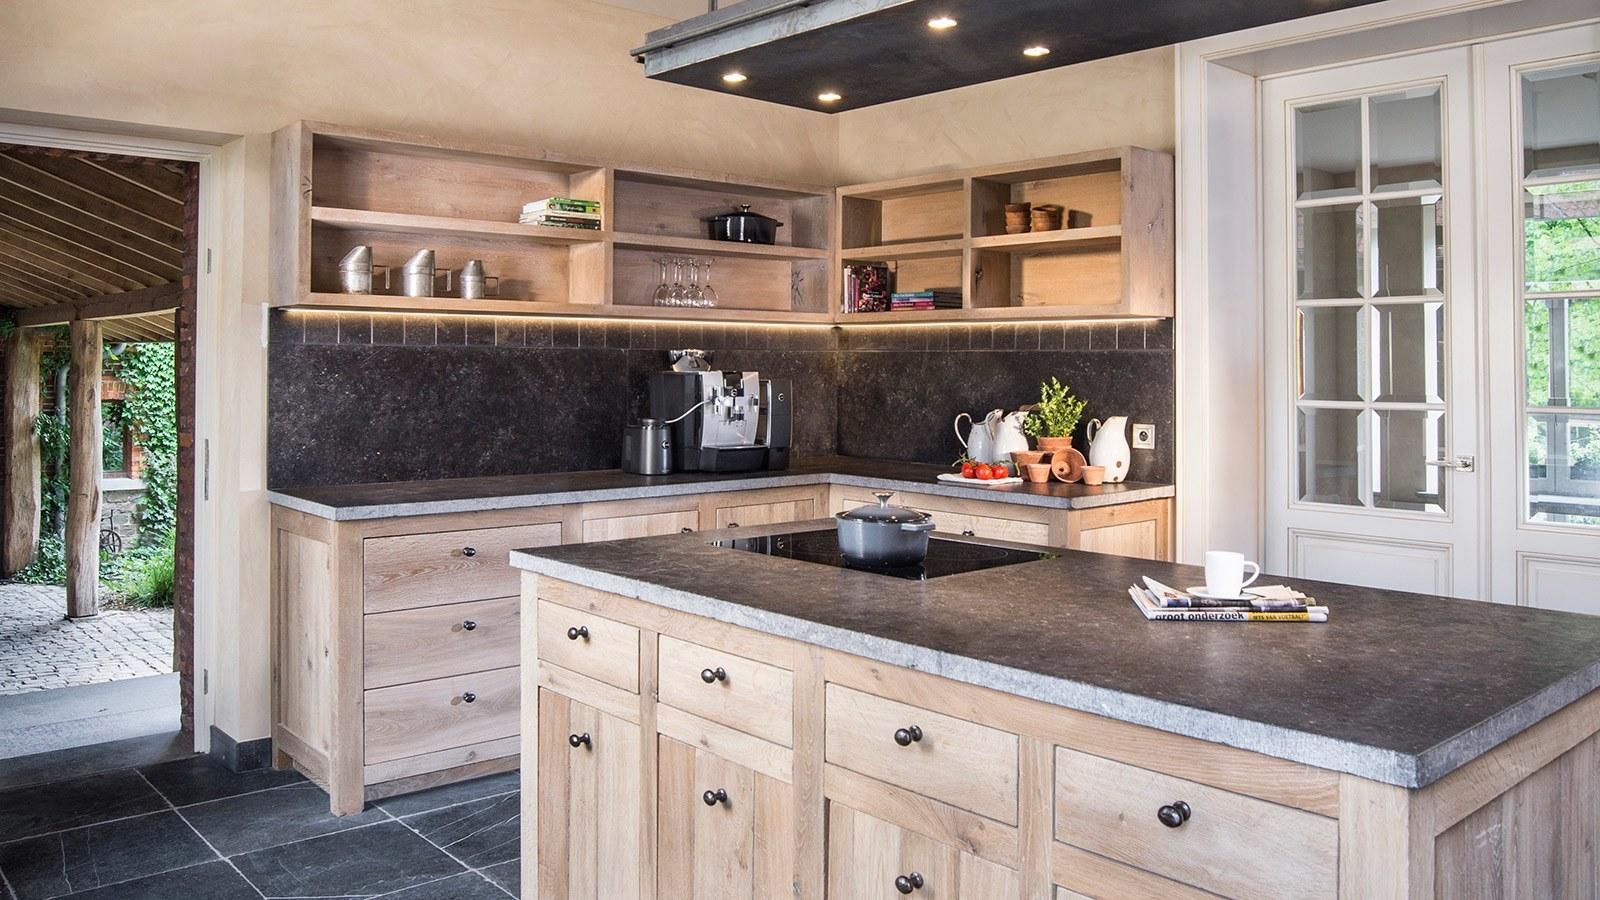 Design Keuken Op Maat : Volledig Massief Houten Keukens Op Maat Keuken Op Maat Eik Massief